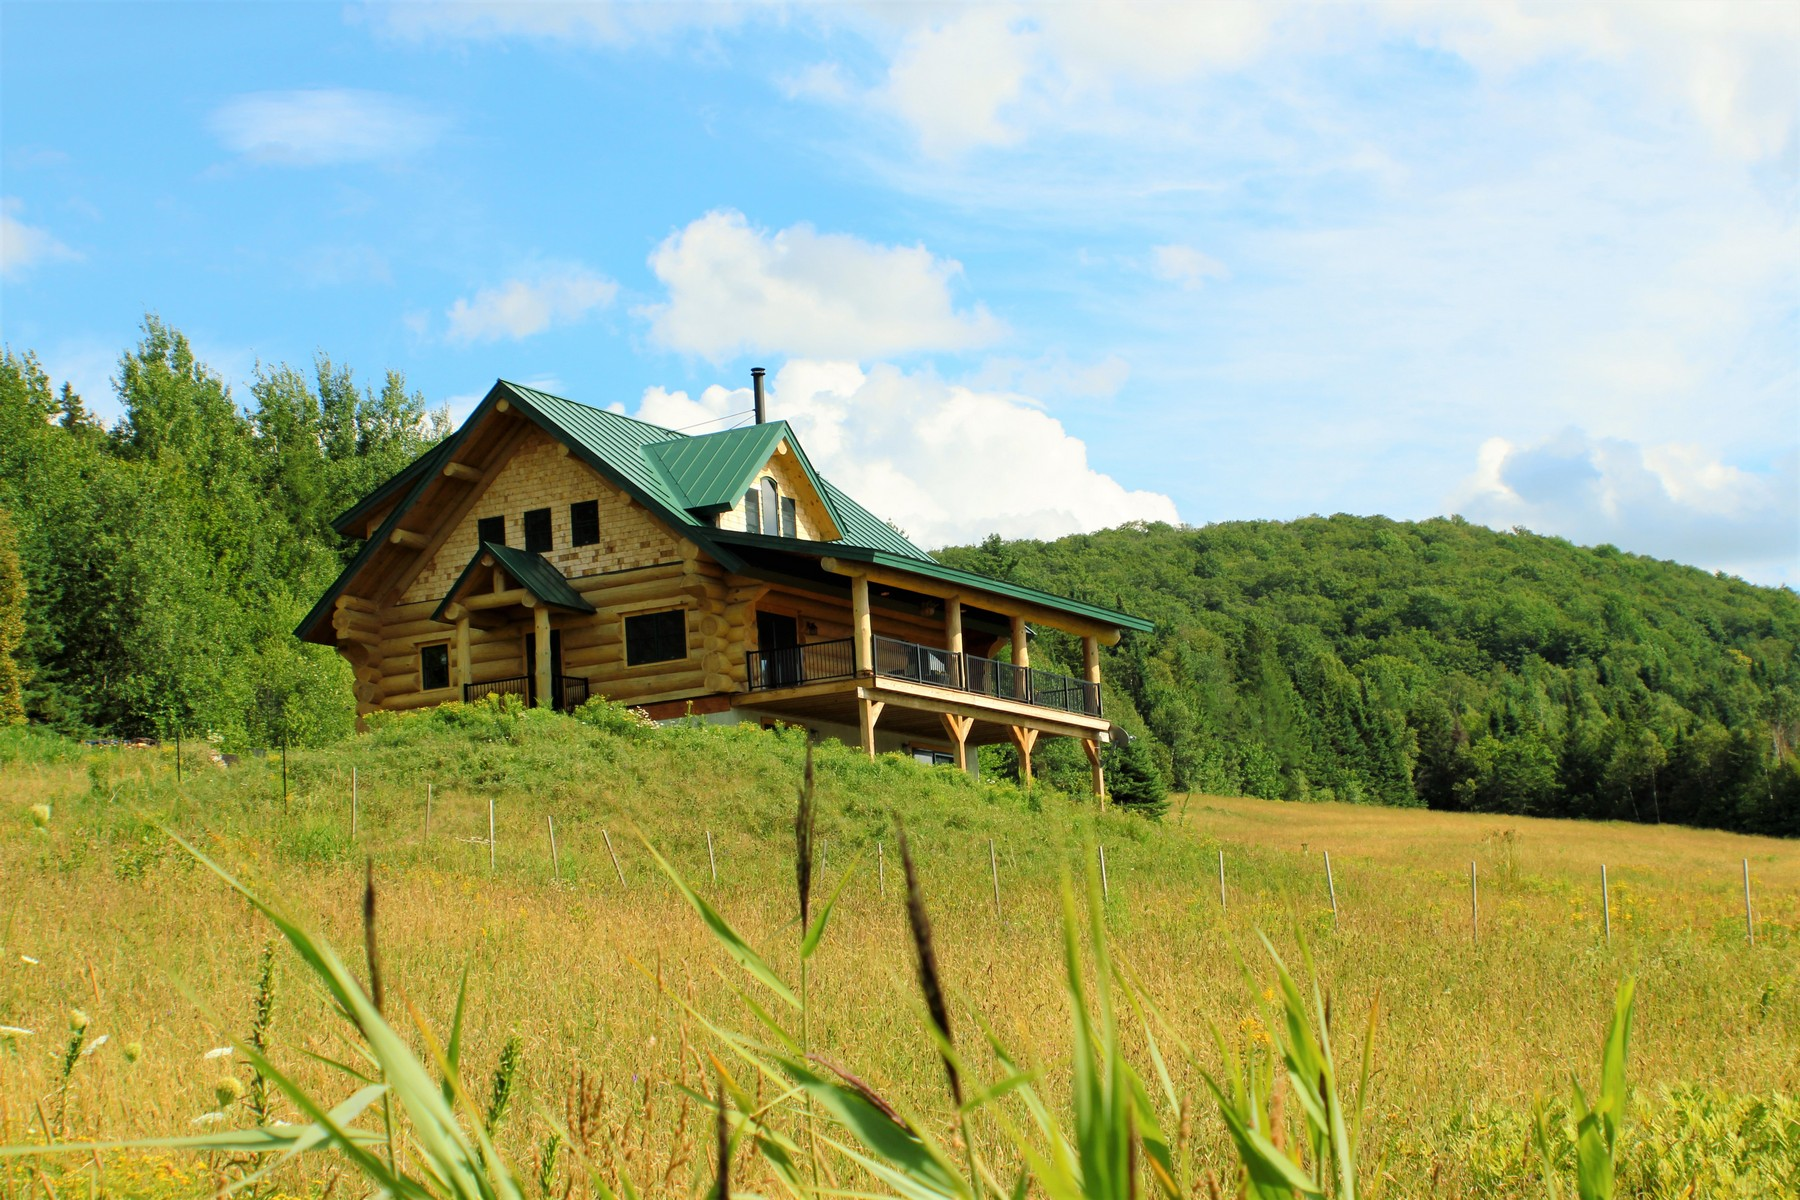 Casa Unifamiliar por un Venta en 1800 Dexter Mt. Road, Glover 1800 Dexter Mt. Rd Glover, Vermont 05839 Estados Unidos